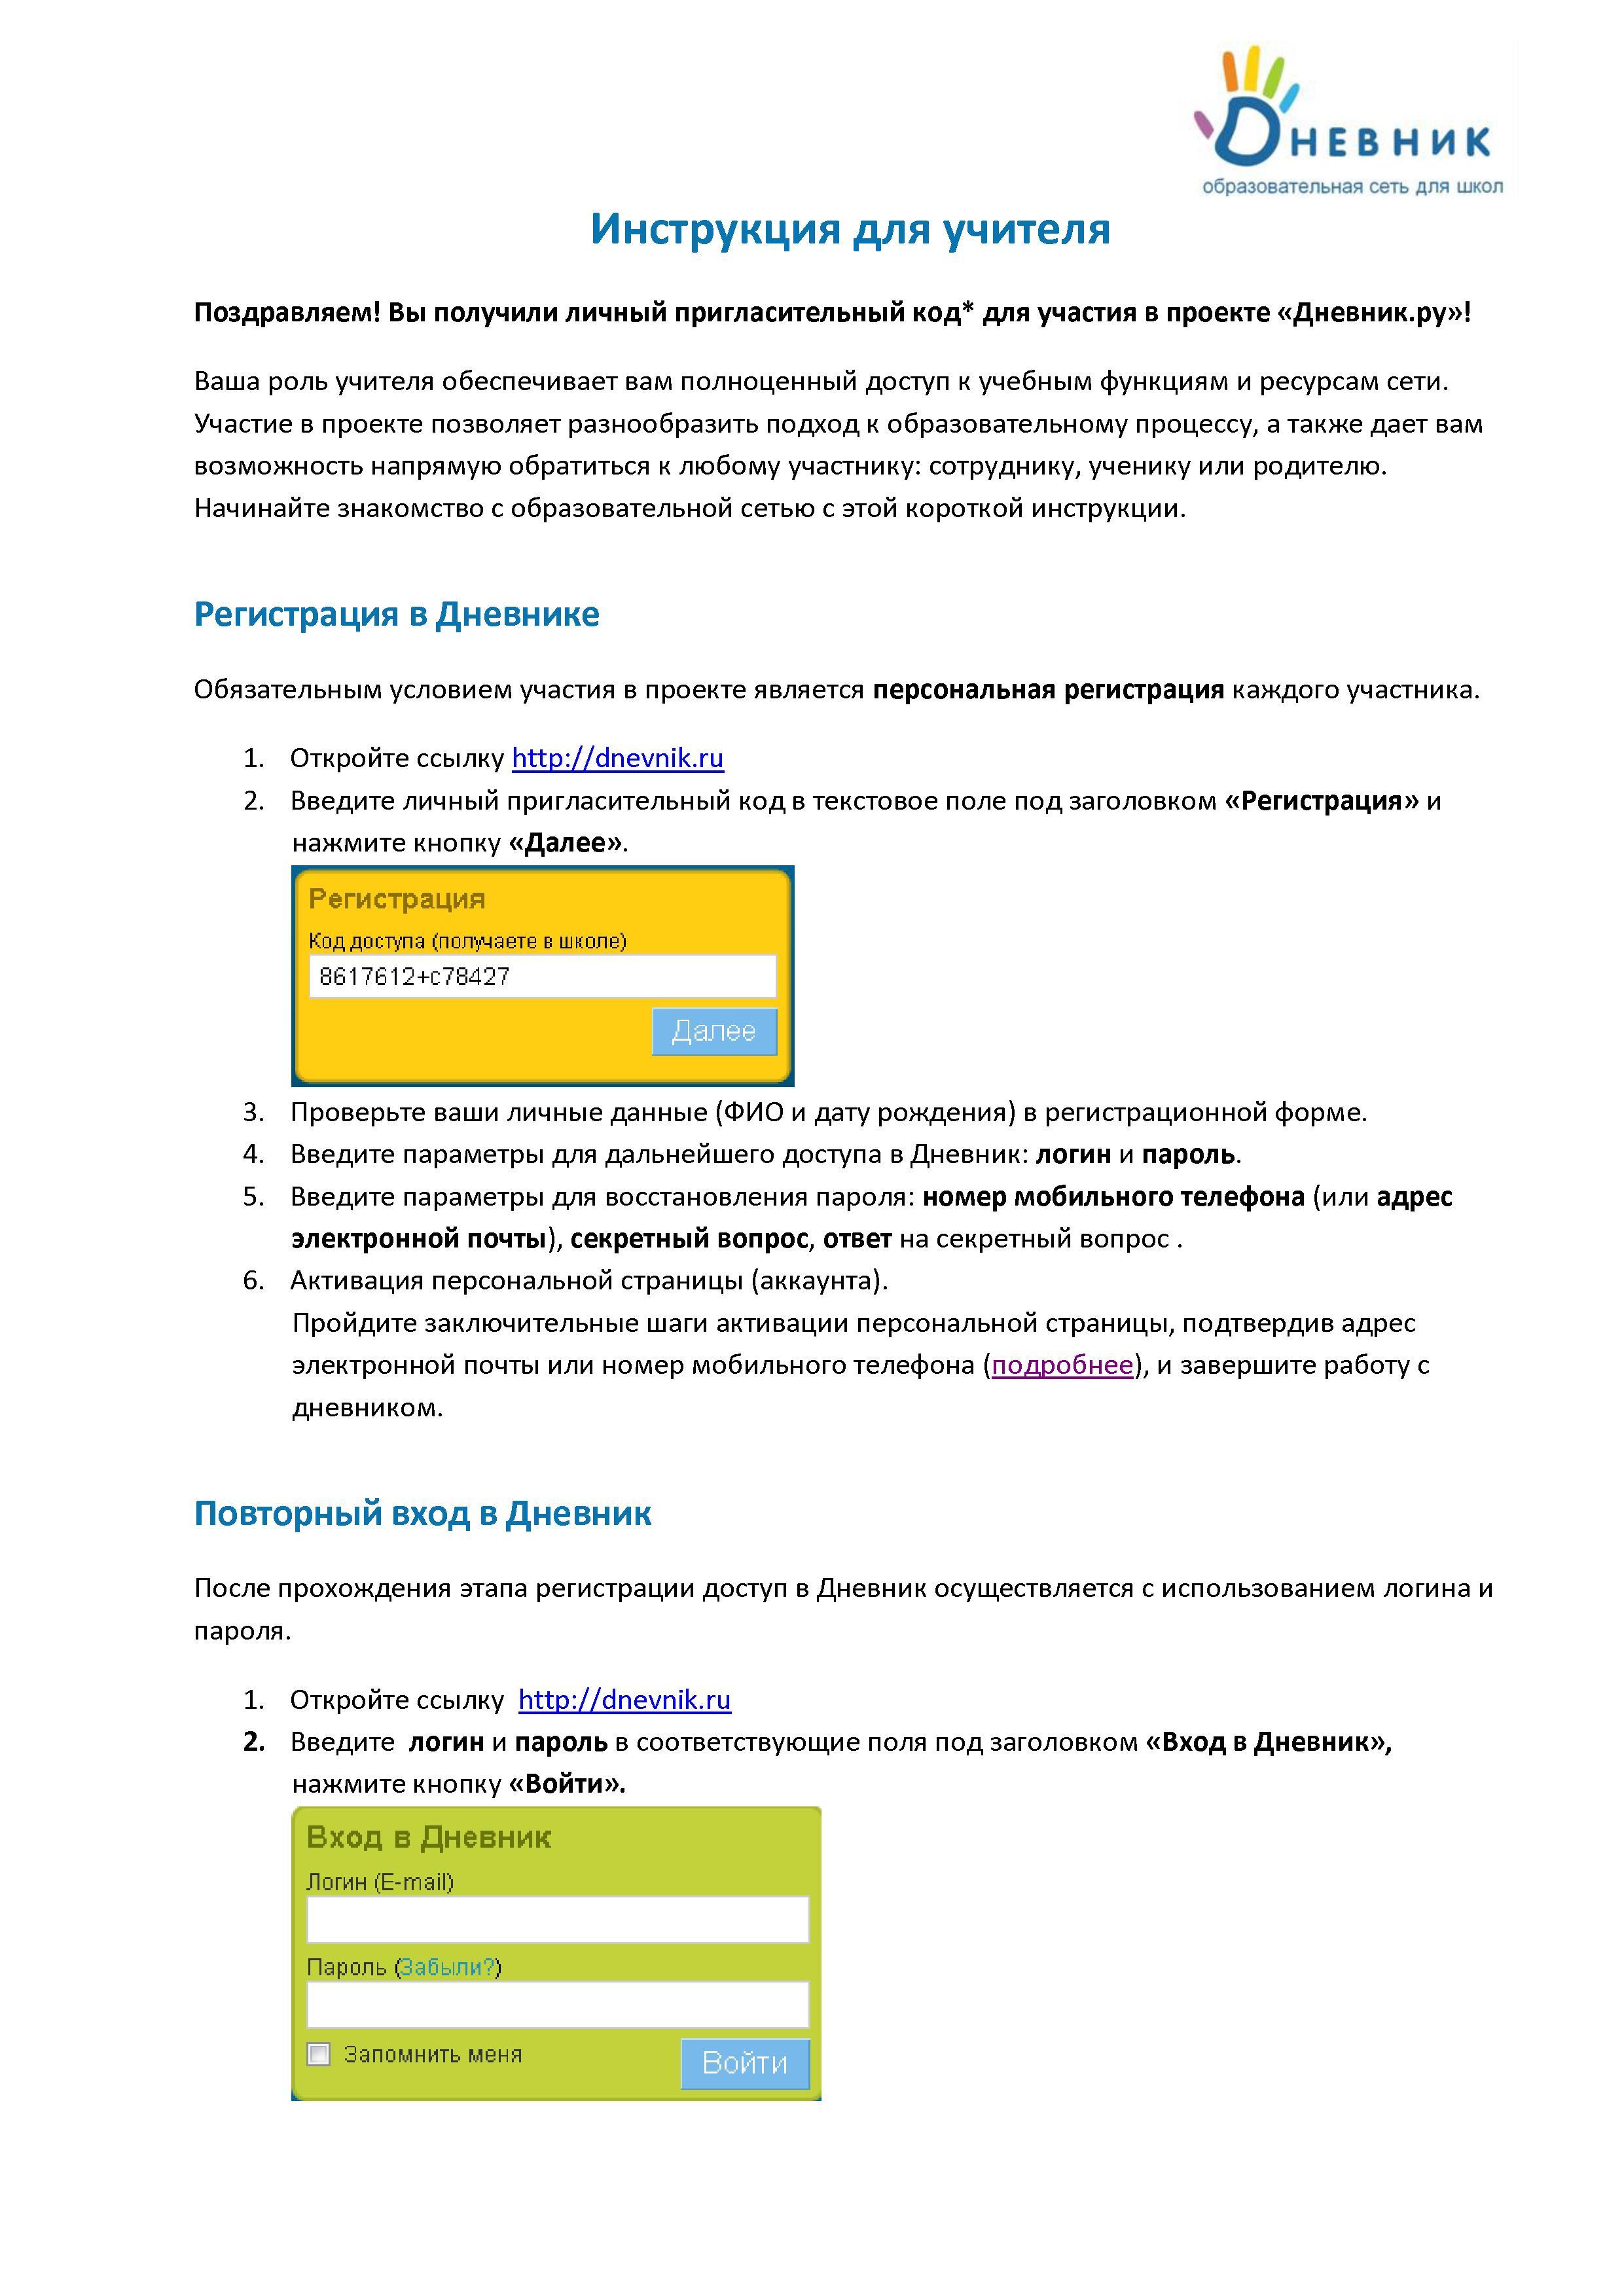 Как оценки на сайте dnevnik.ru сделать общедоступными автопрофи иркутск официальный сайт